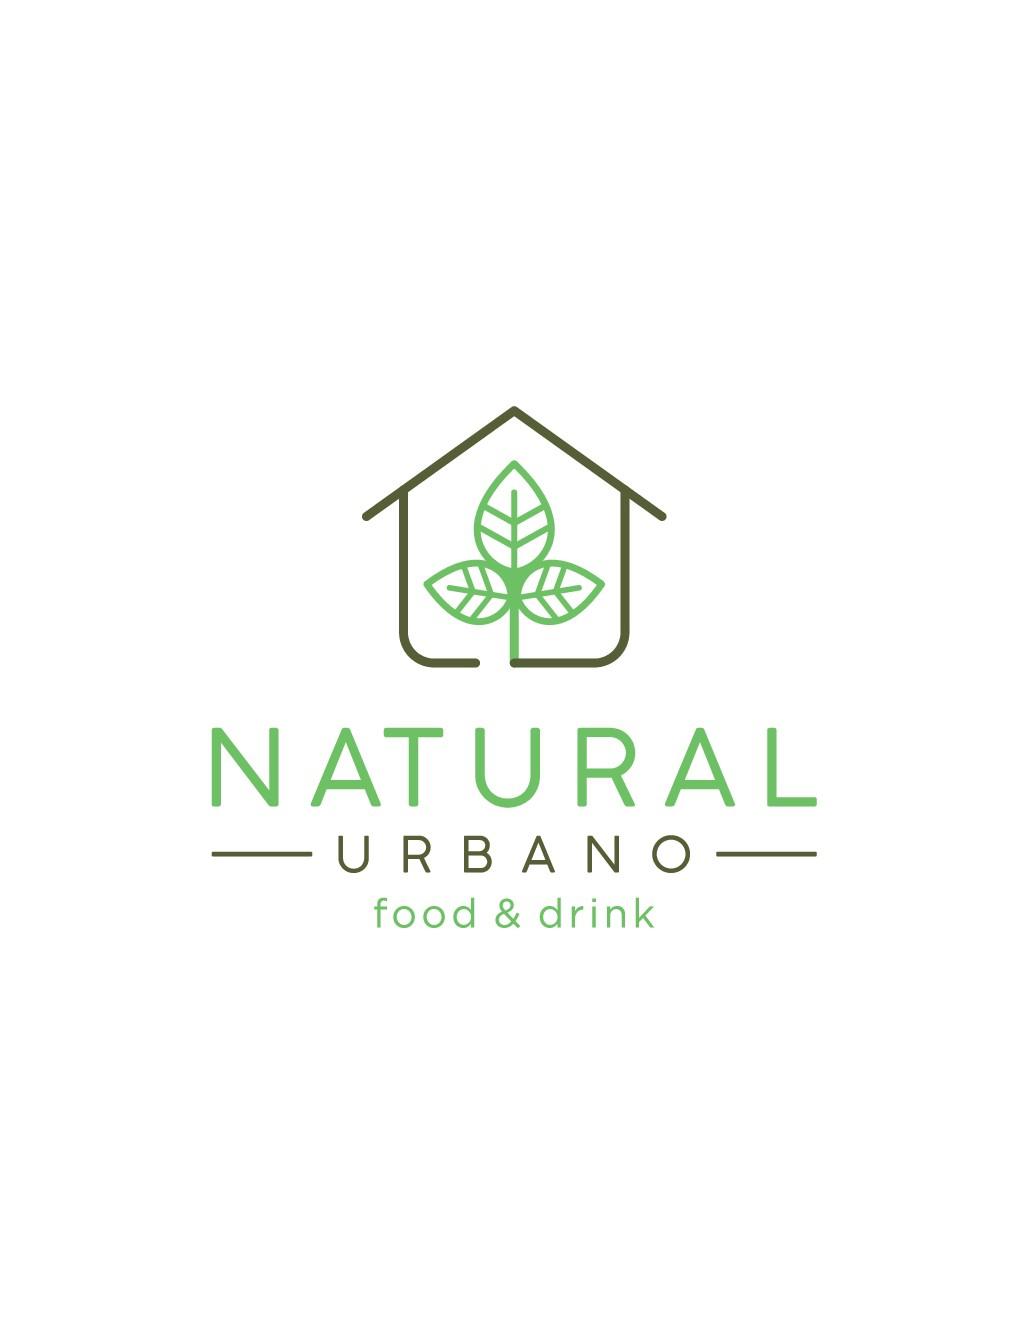 Crie um design de um logotipo moderno para Natural Urbano